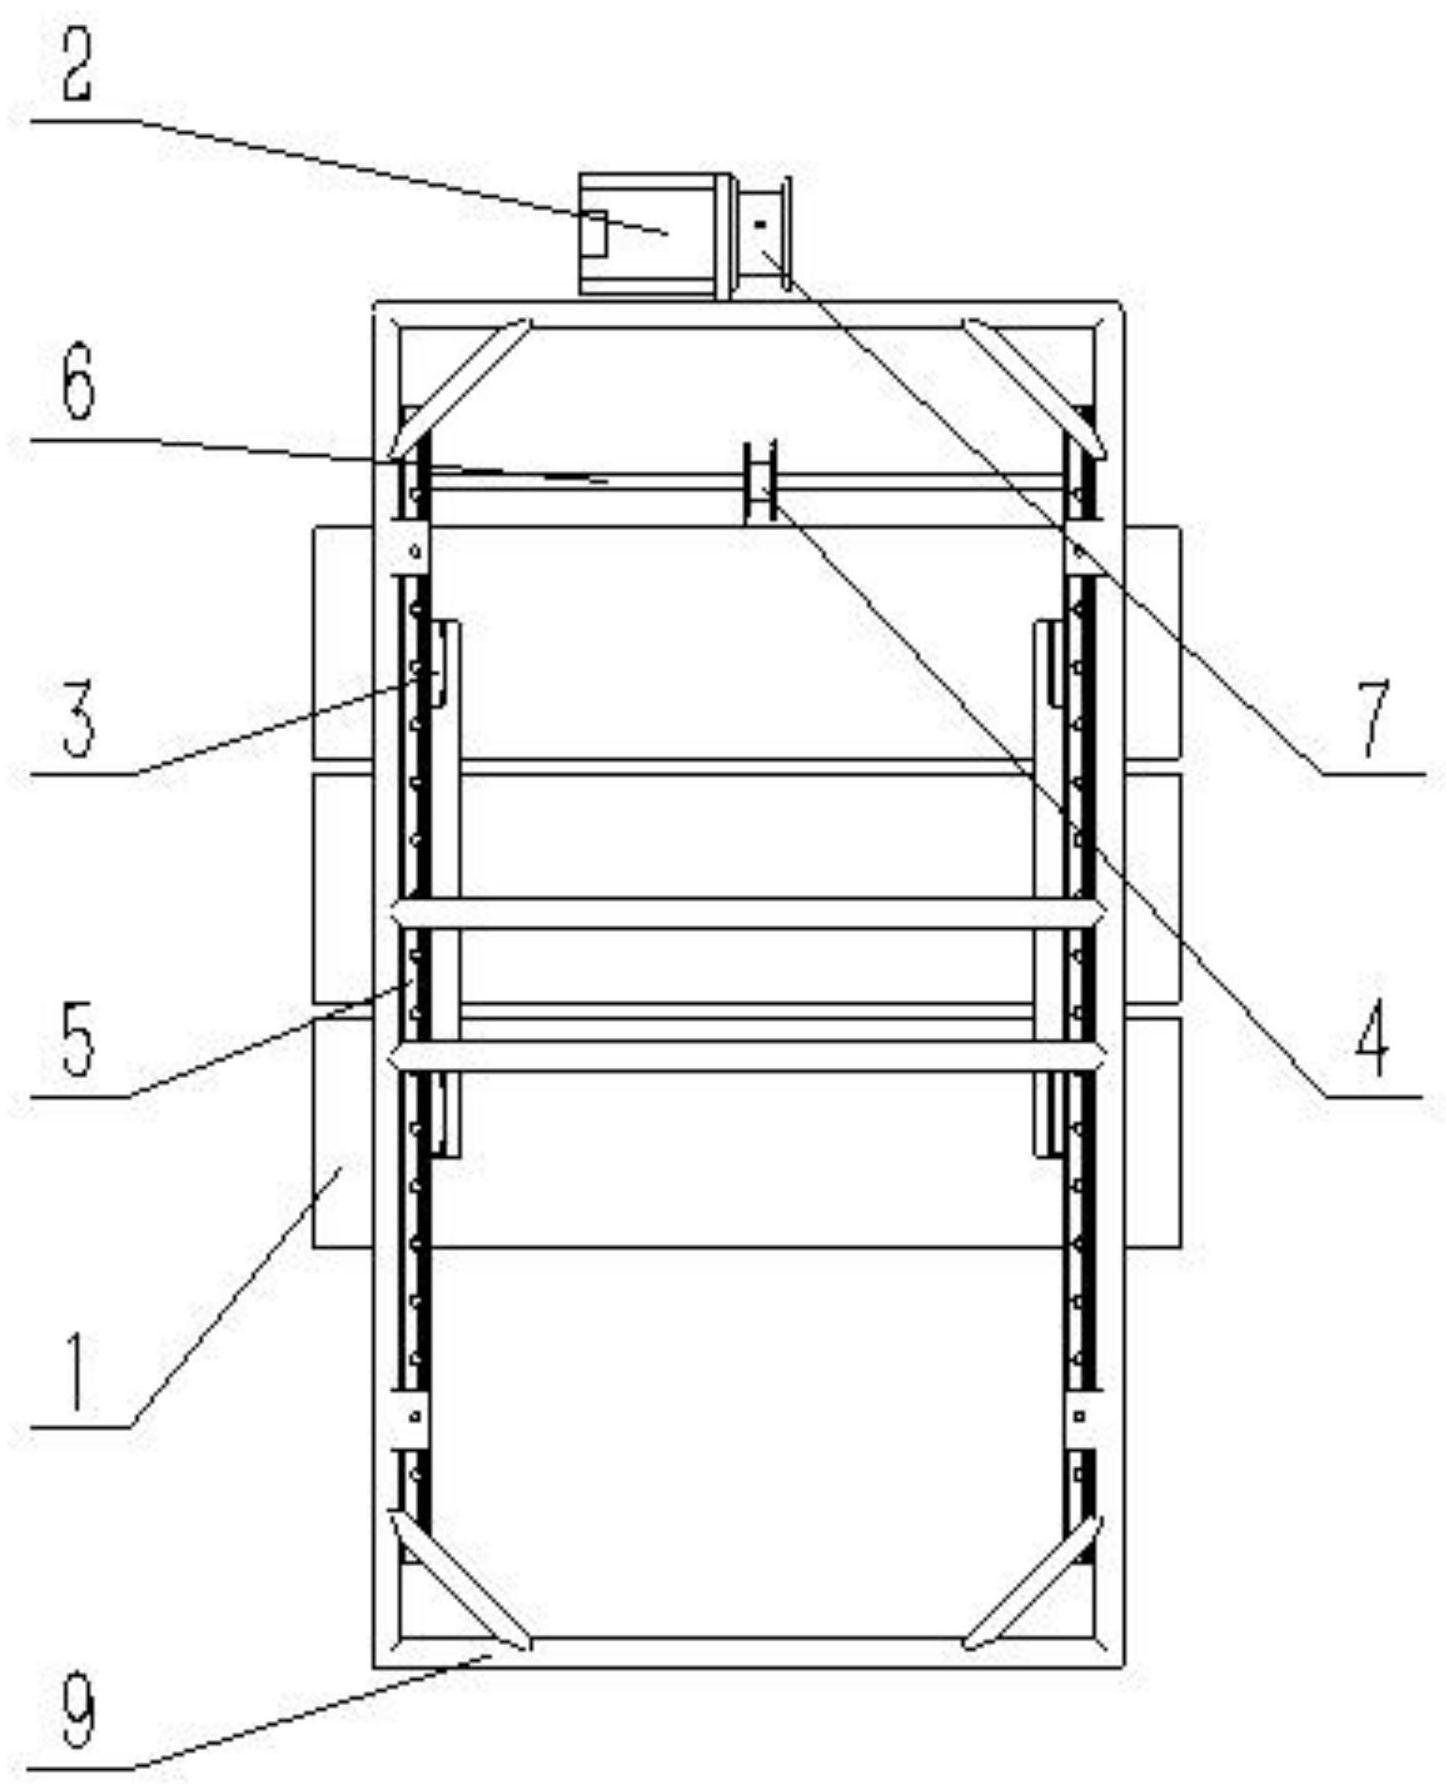 一种竖直式三通道超级高铁车站结构